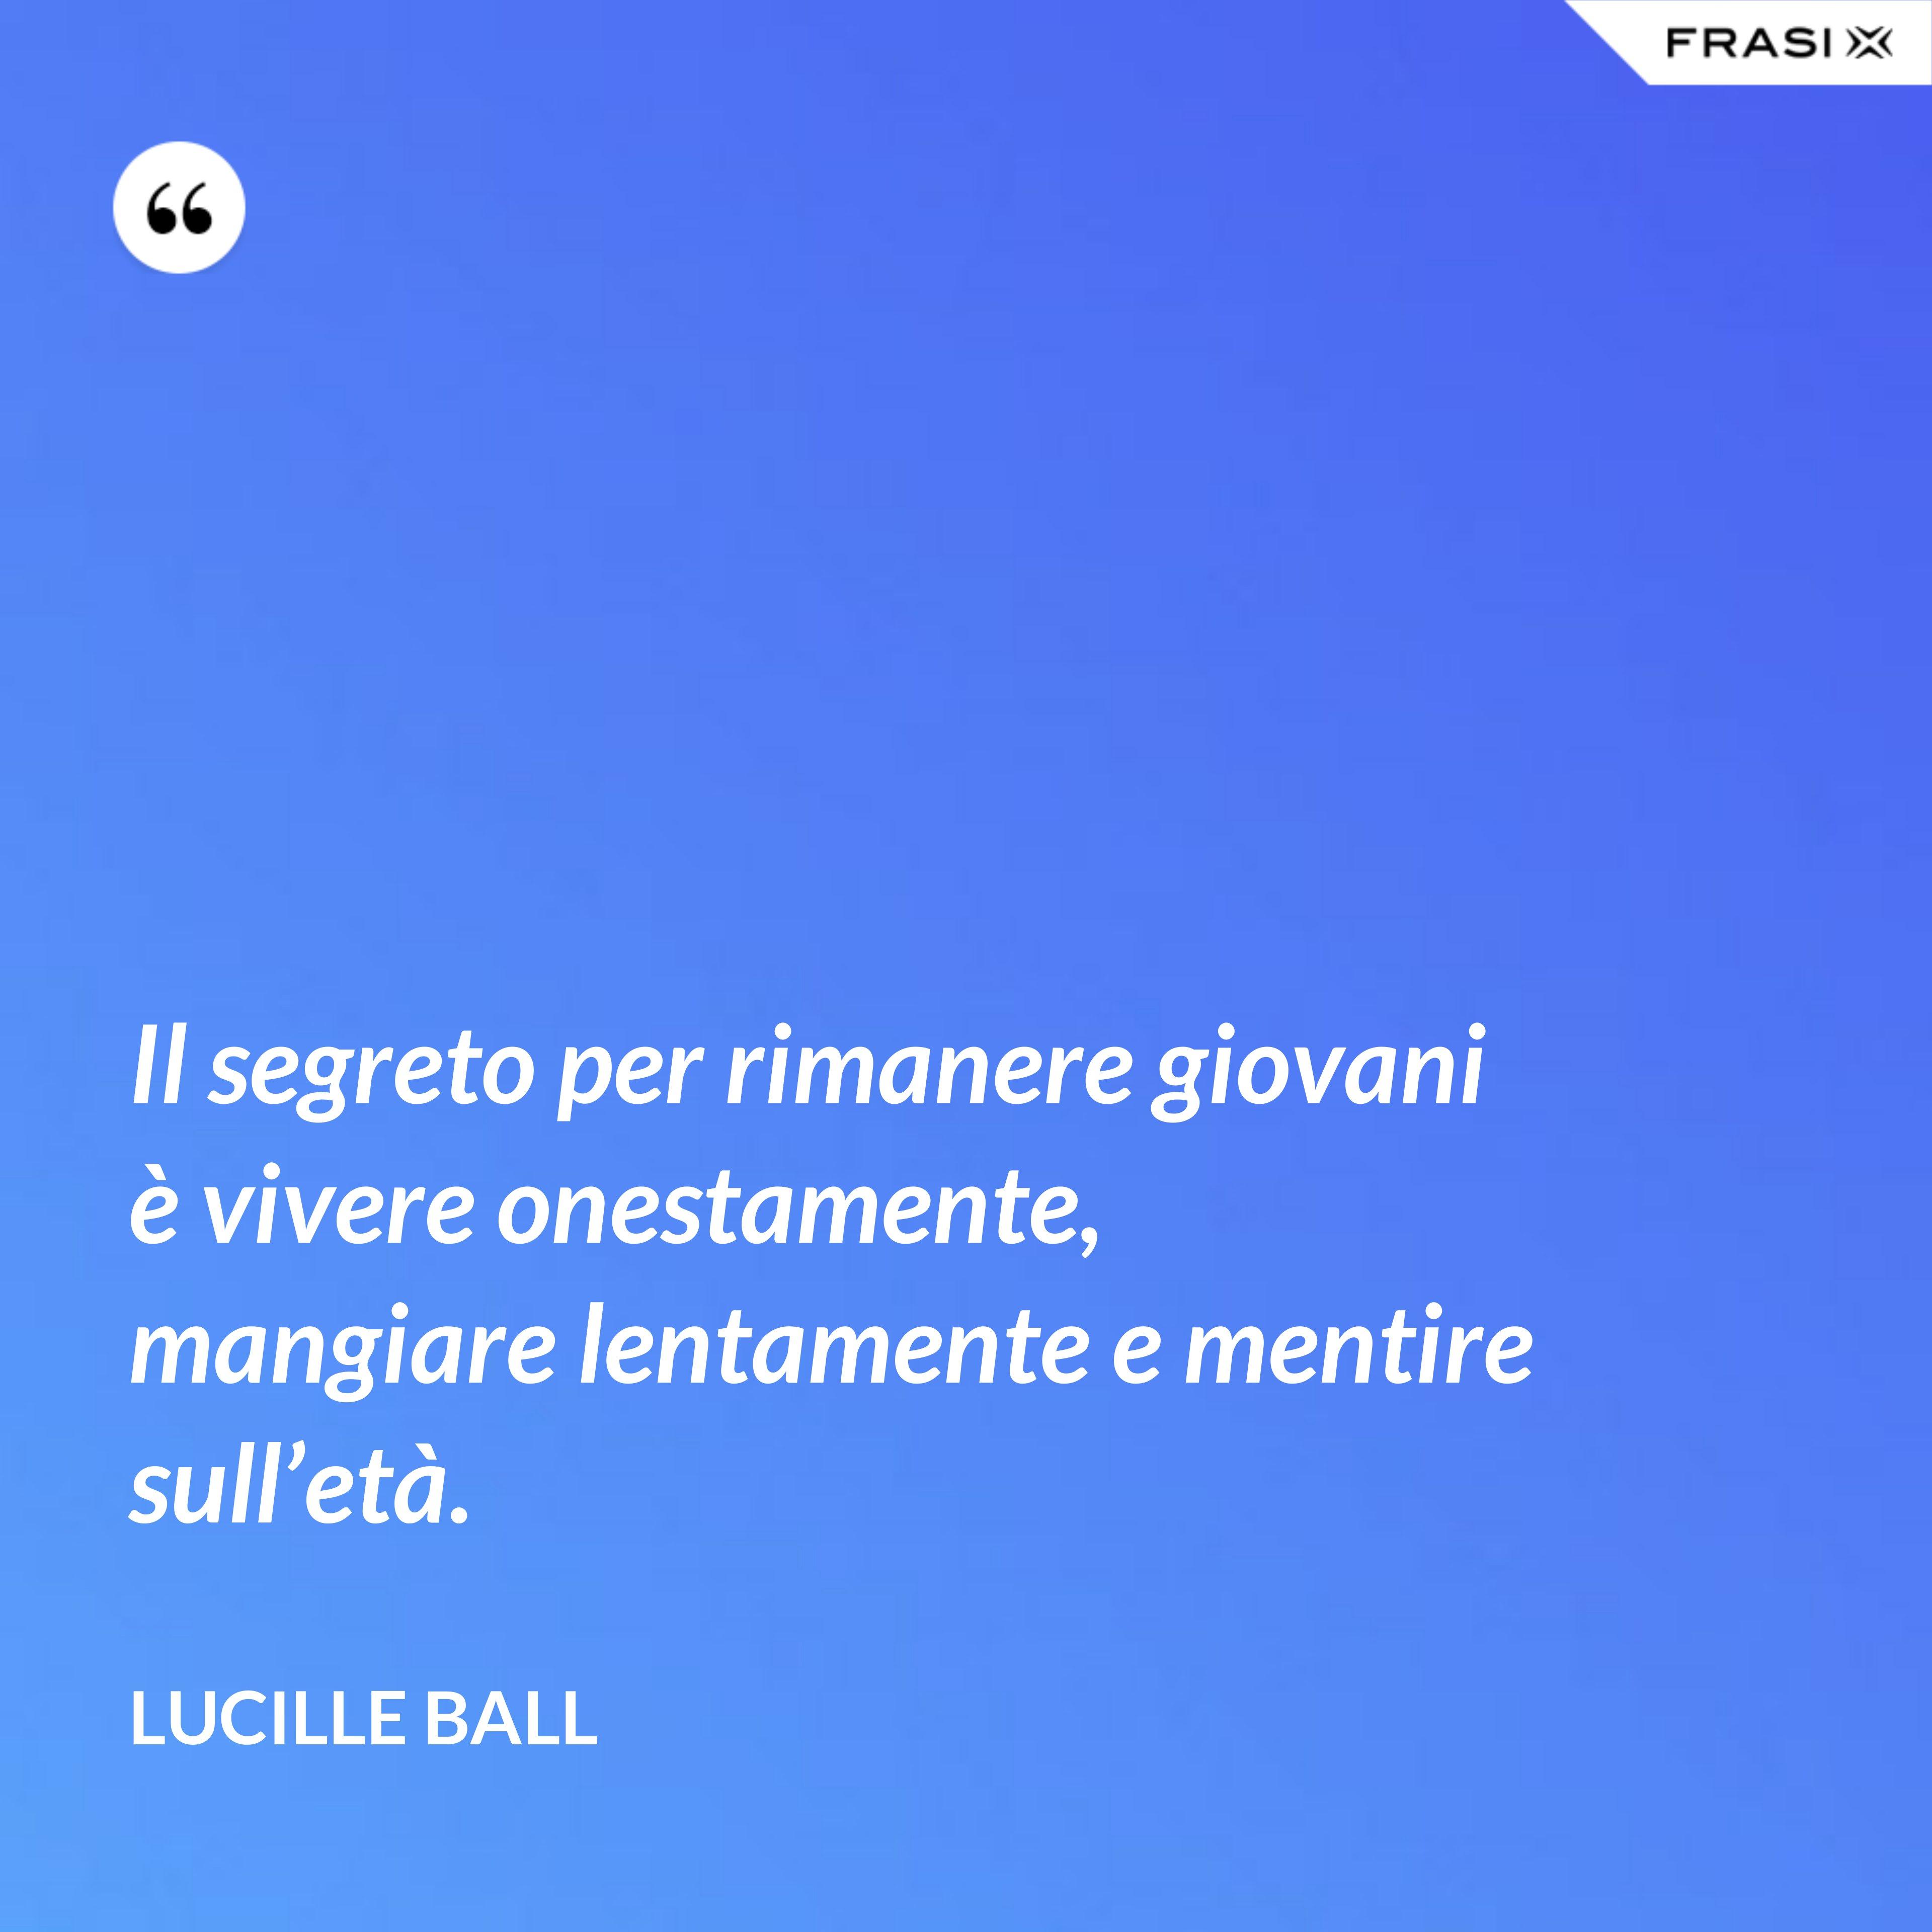 Il segreto per rimanere giovani è vivere onestamente, mangiare lentamente e mentire sull'età. - Lucille Ball